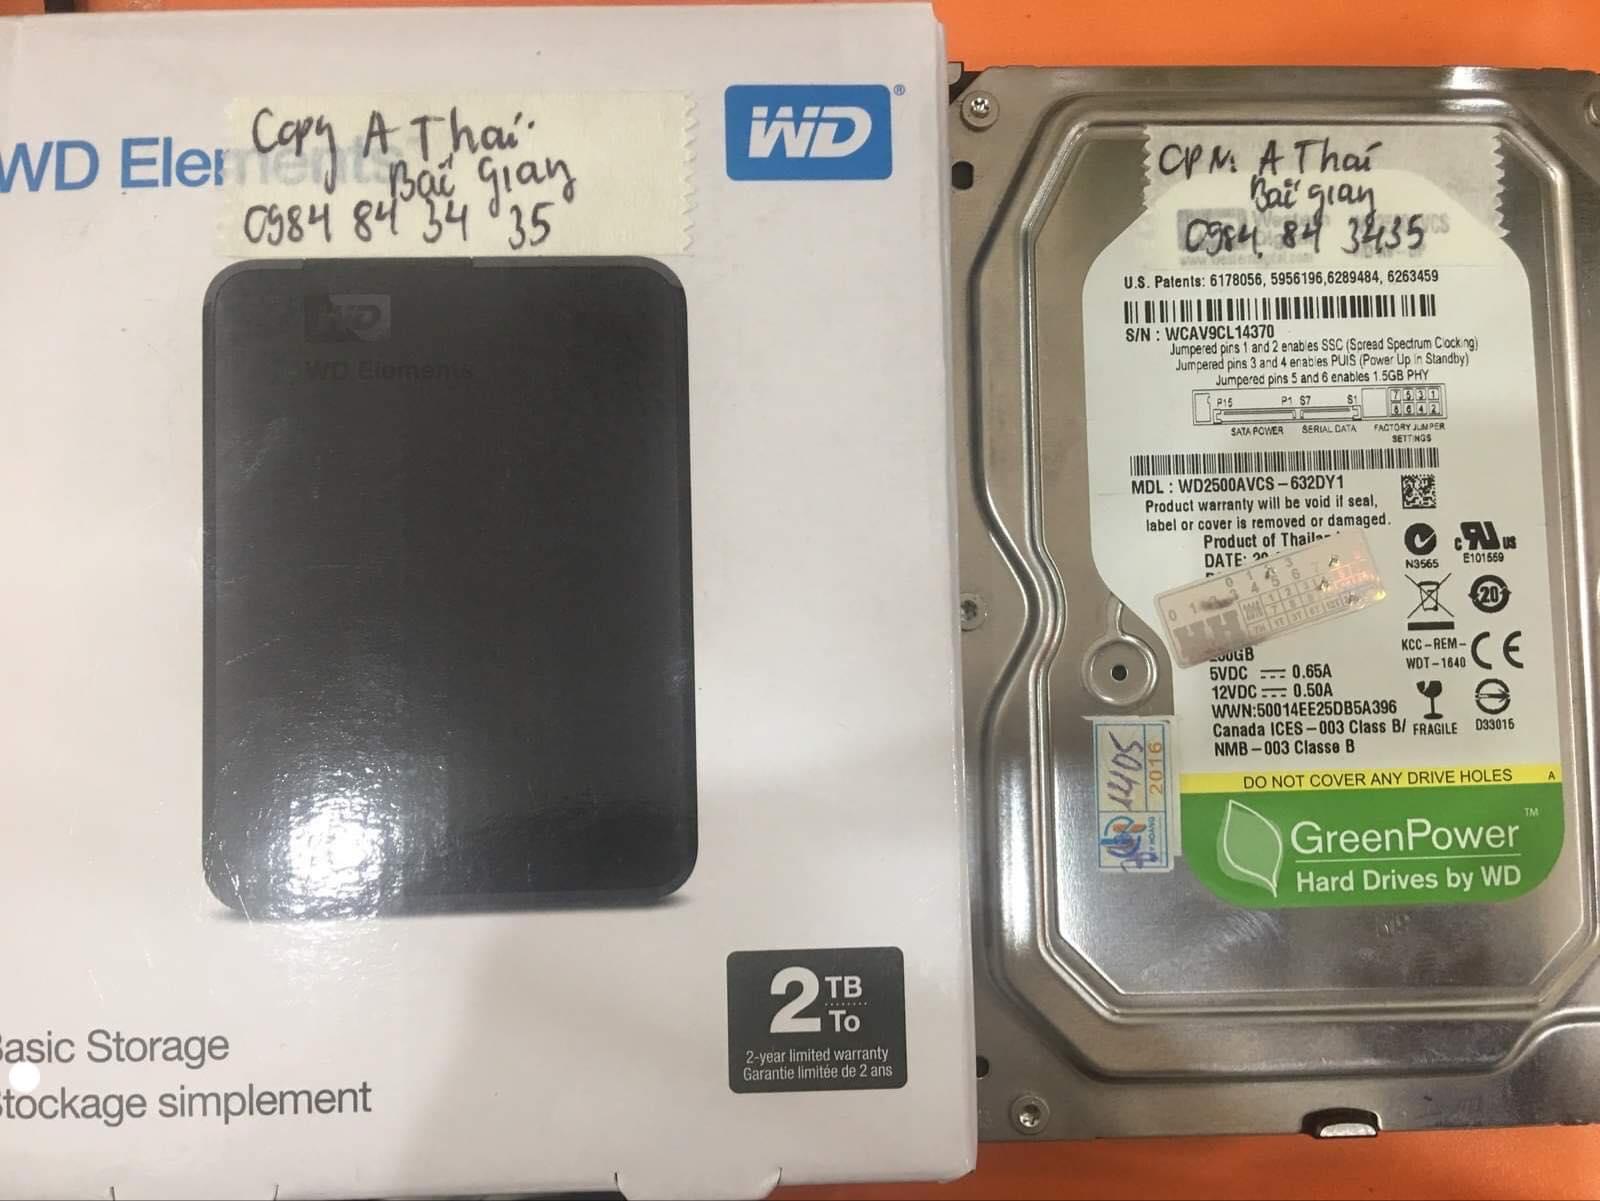 Lấy dữ liệu ổ cứng Western 250GB không nhận tại Bắc Giang 13/11/2019 - cuumaytinh